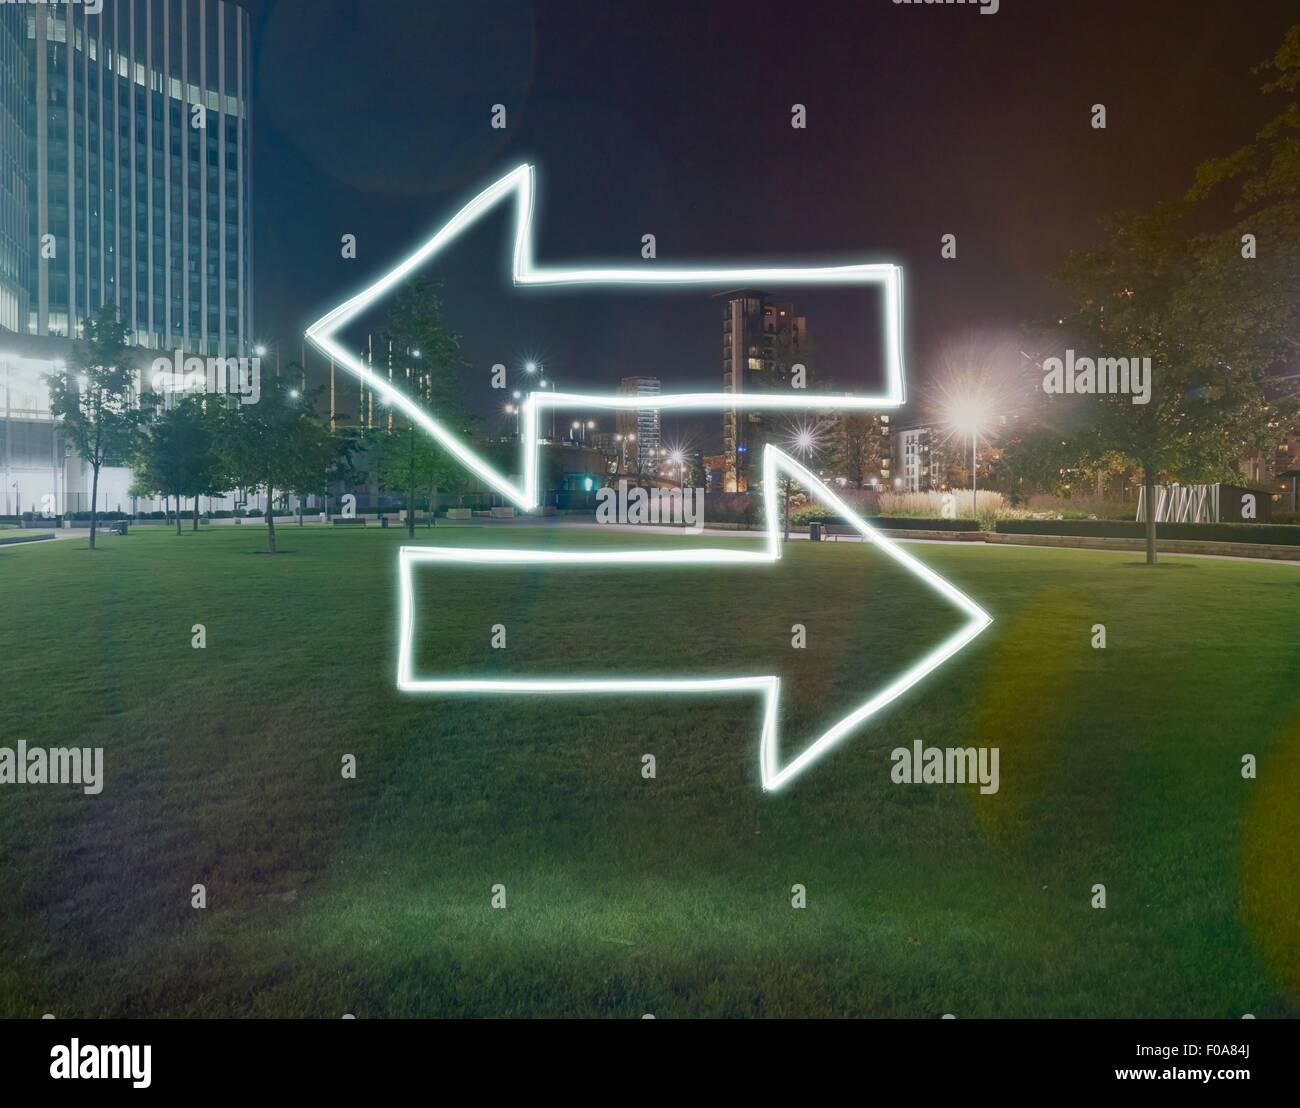 Direzione incandescente frecce verso direzioni opposte di notte, Londra, Regno Unito Immagini Stock